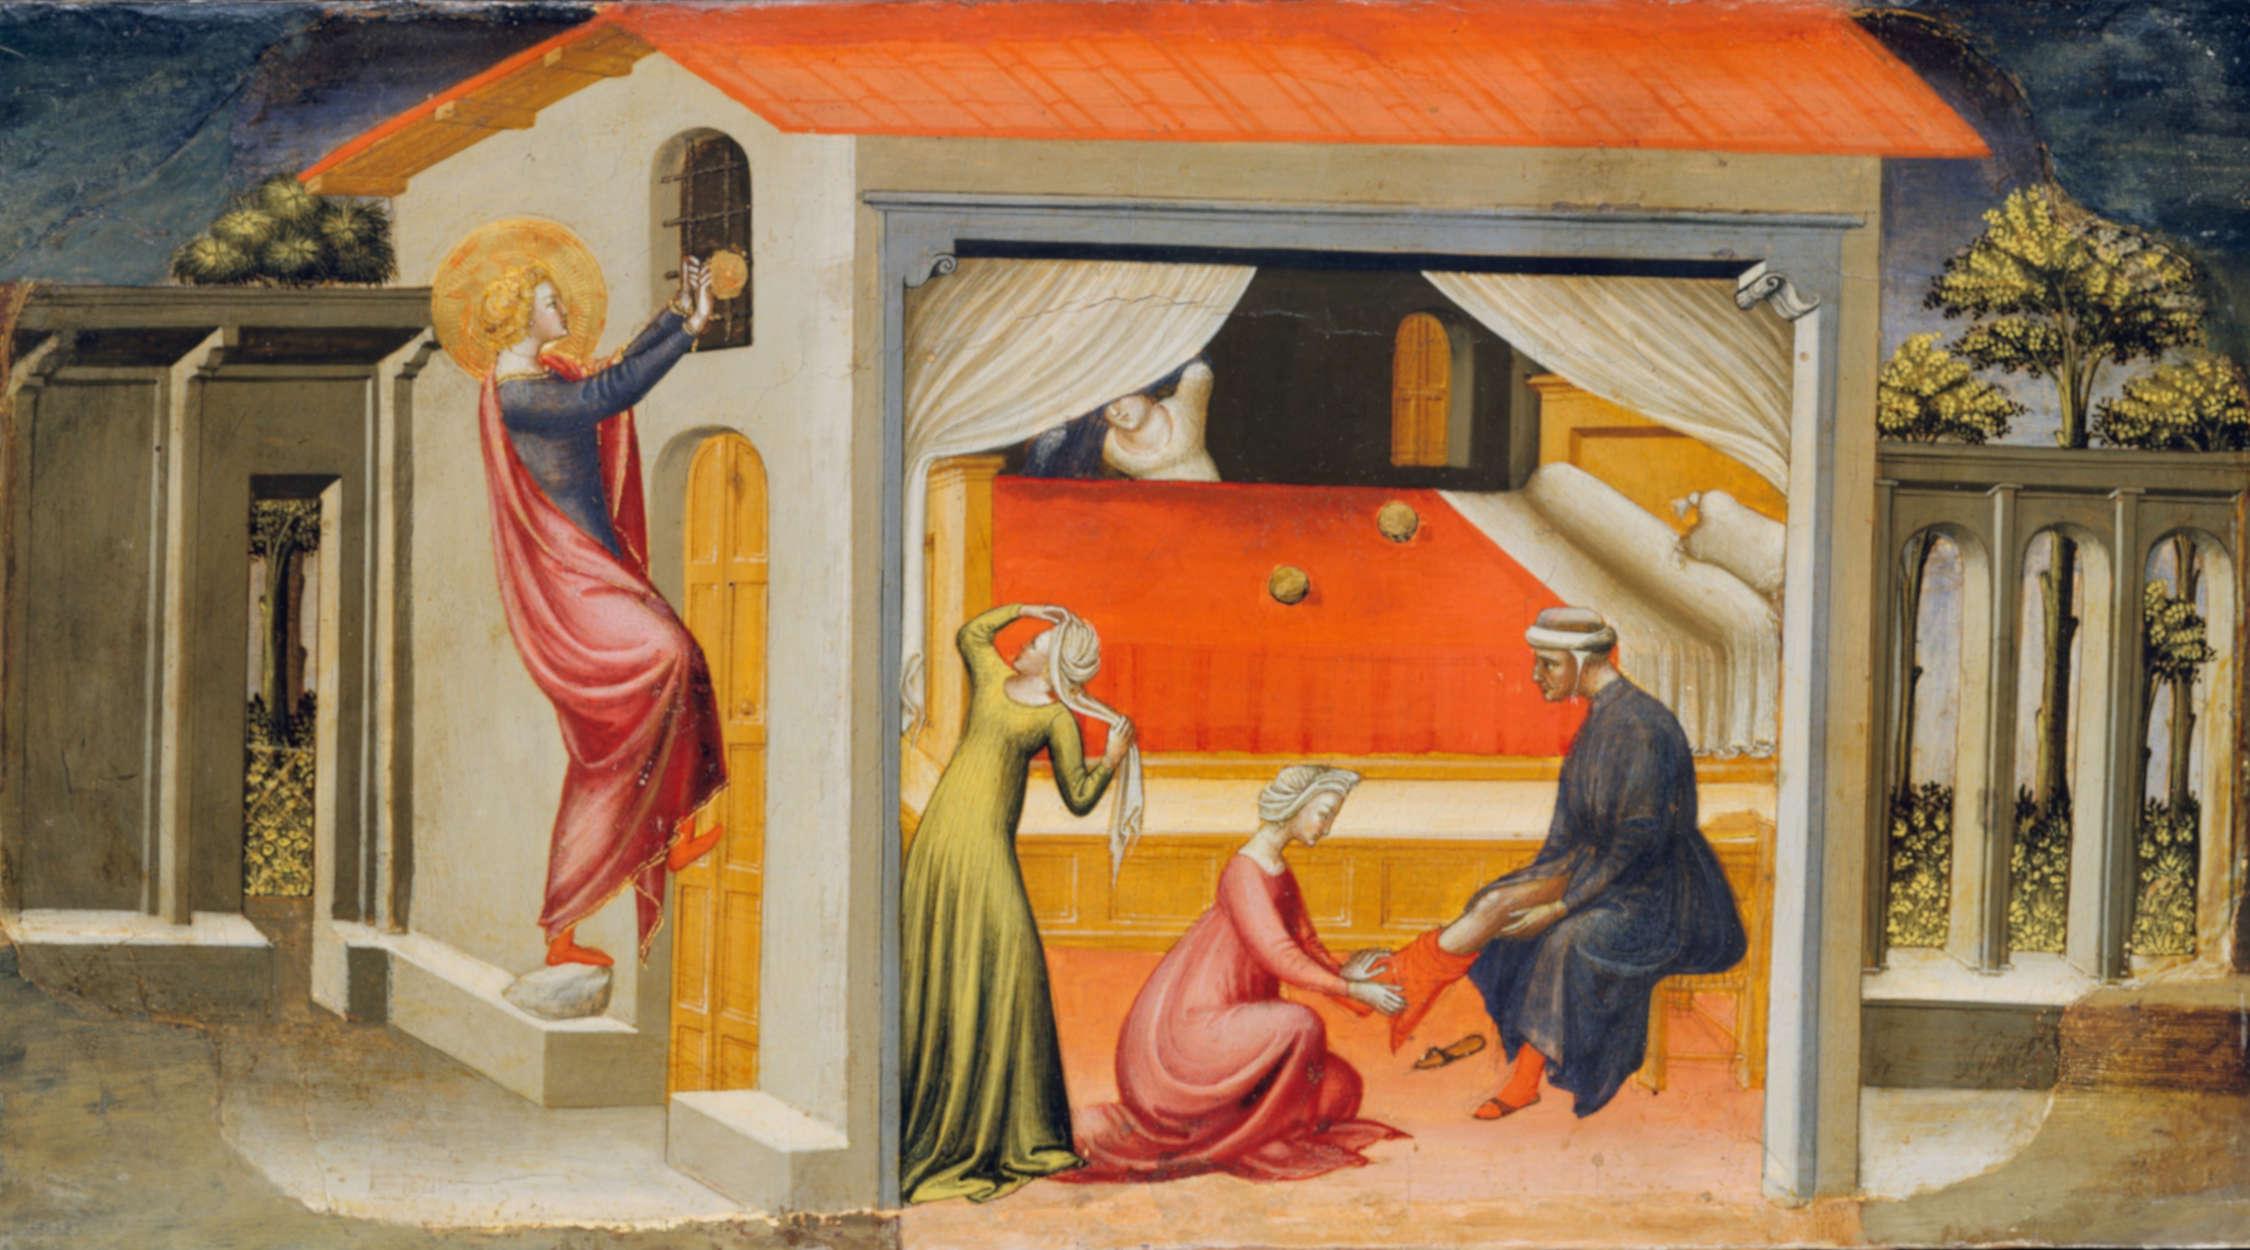 San Nicola e la dote | Bicci di Lorenzo | Immagine pubblico dominio | Metropolitan - New York